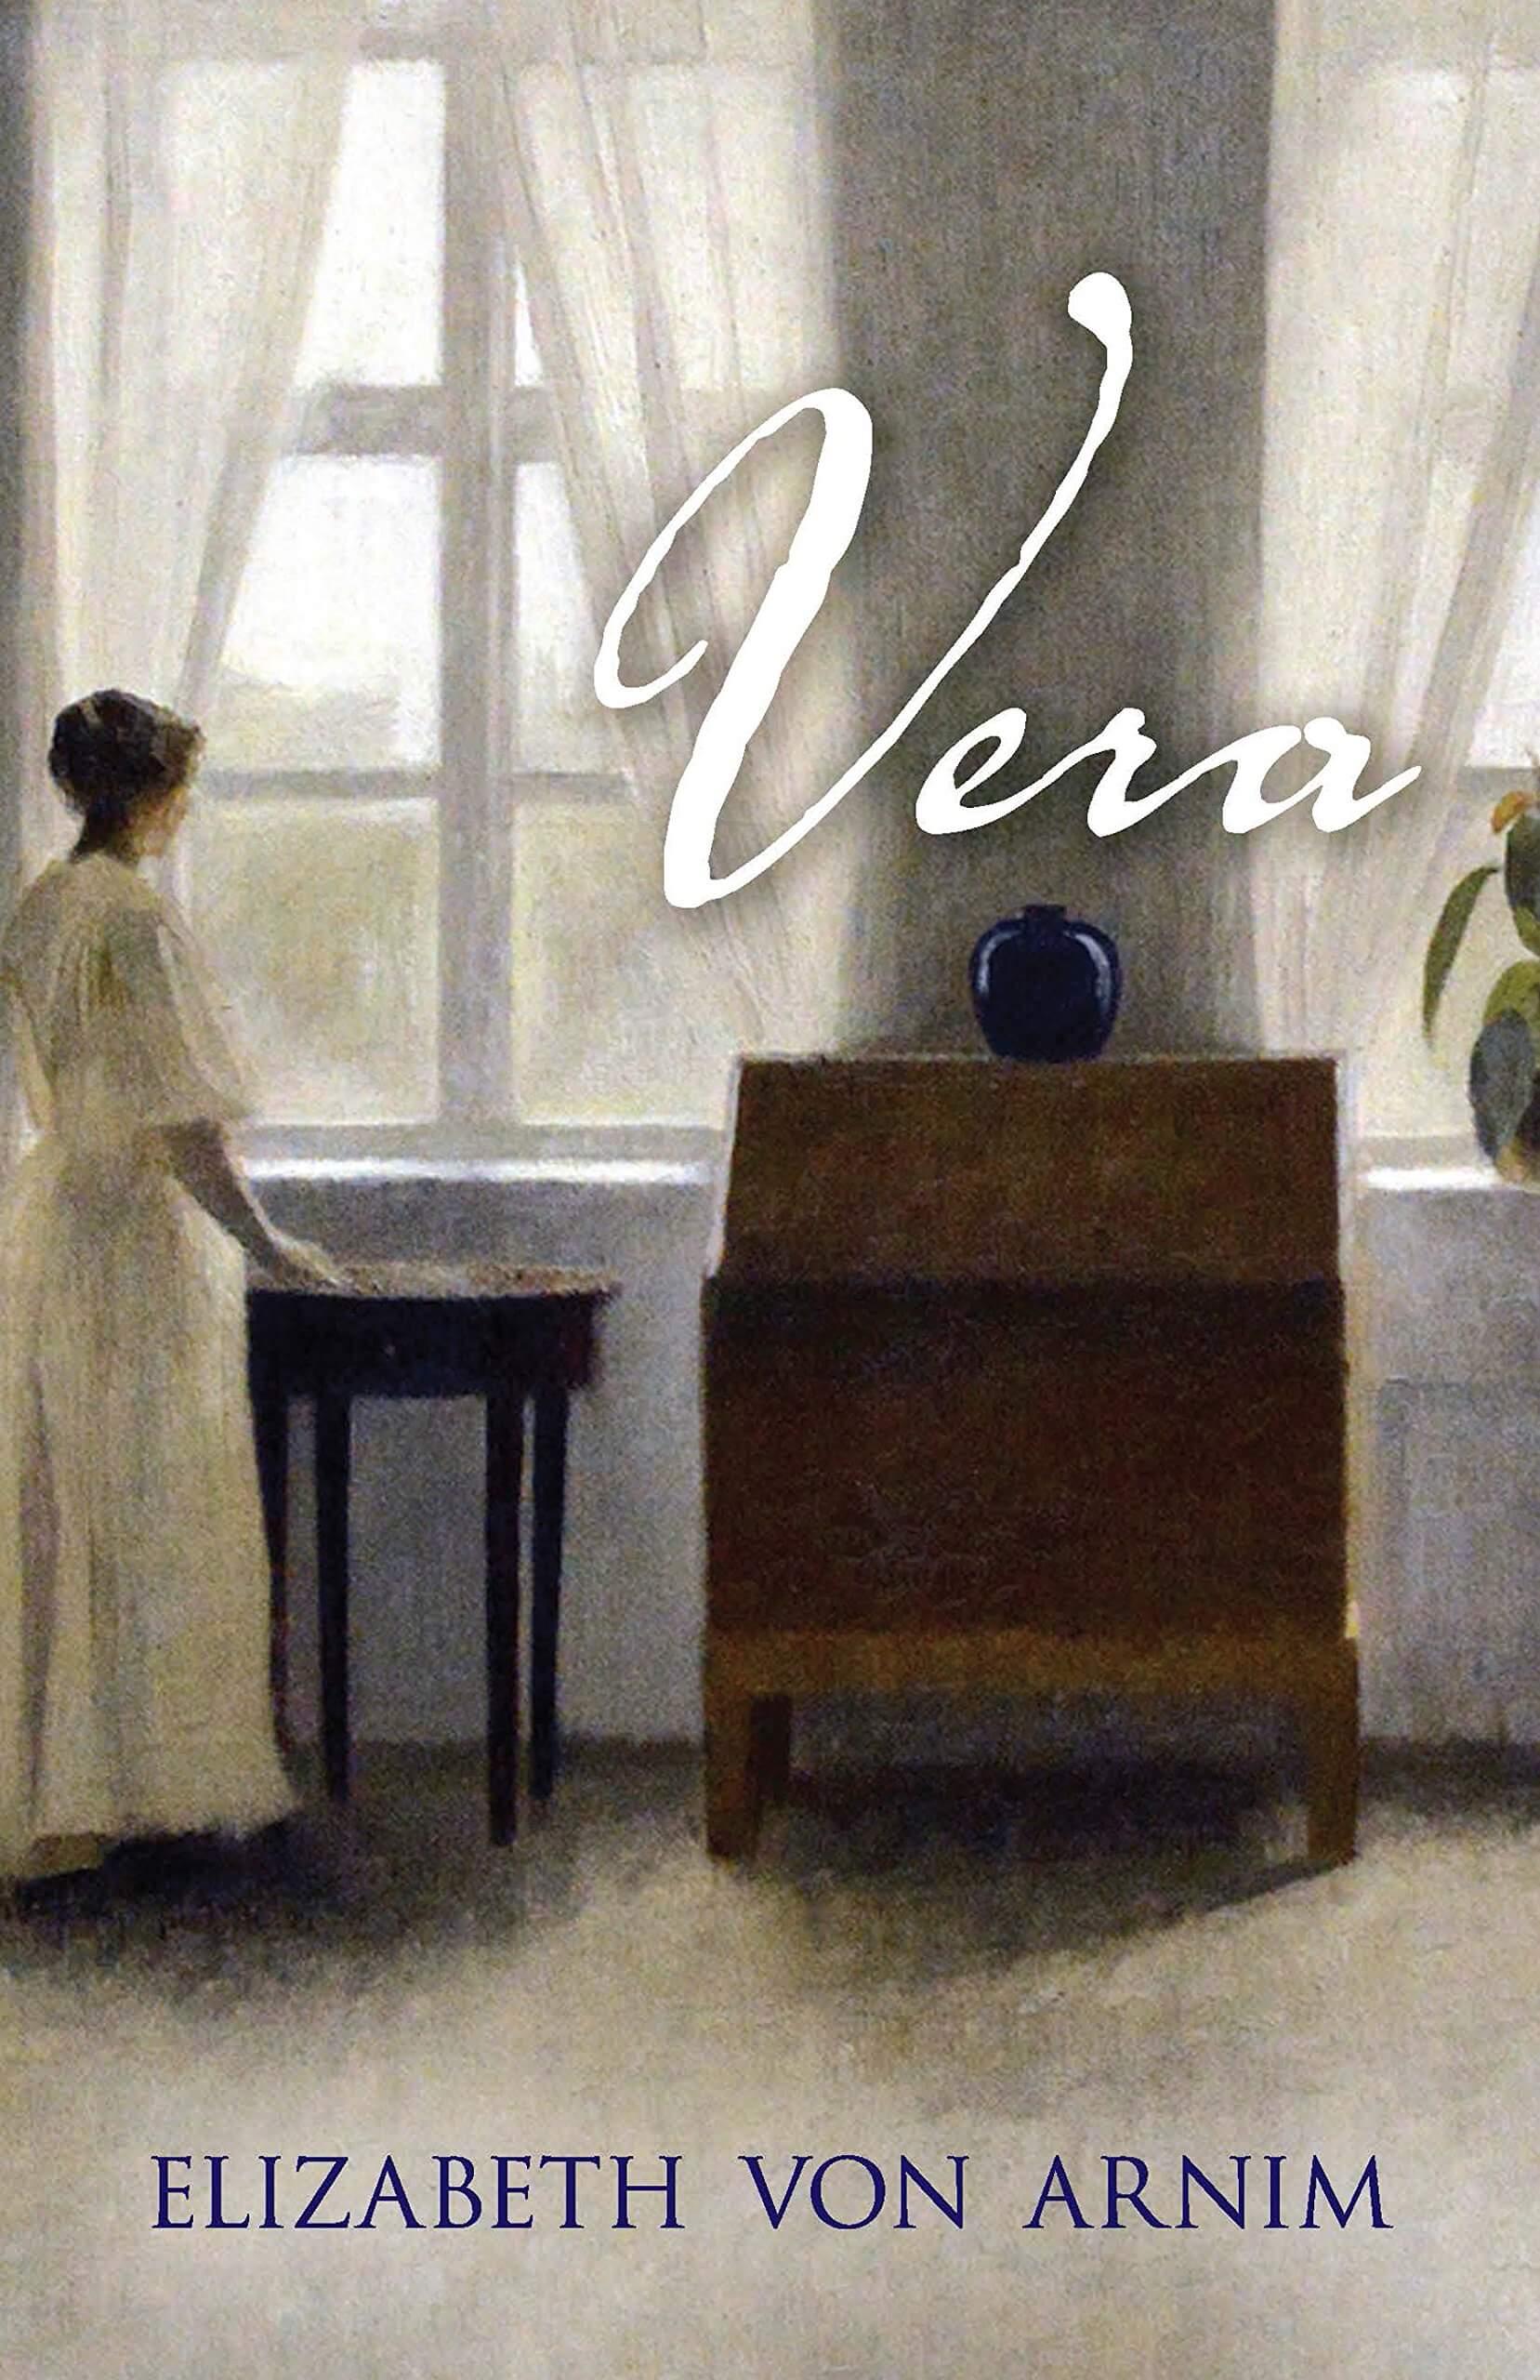 Elizabeth von Arnim Vera